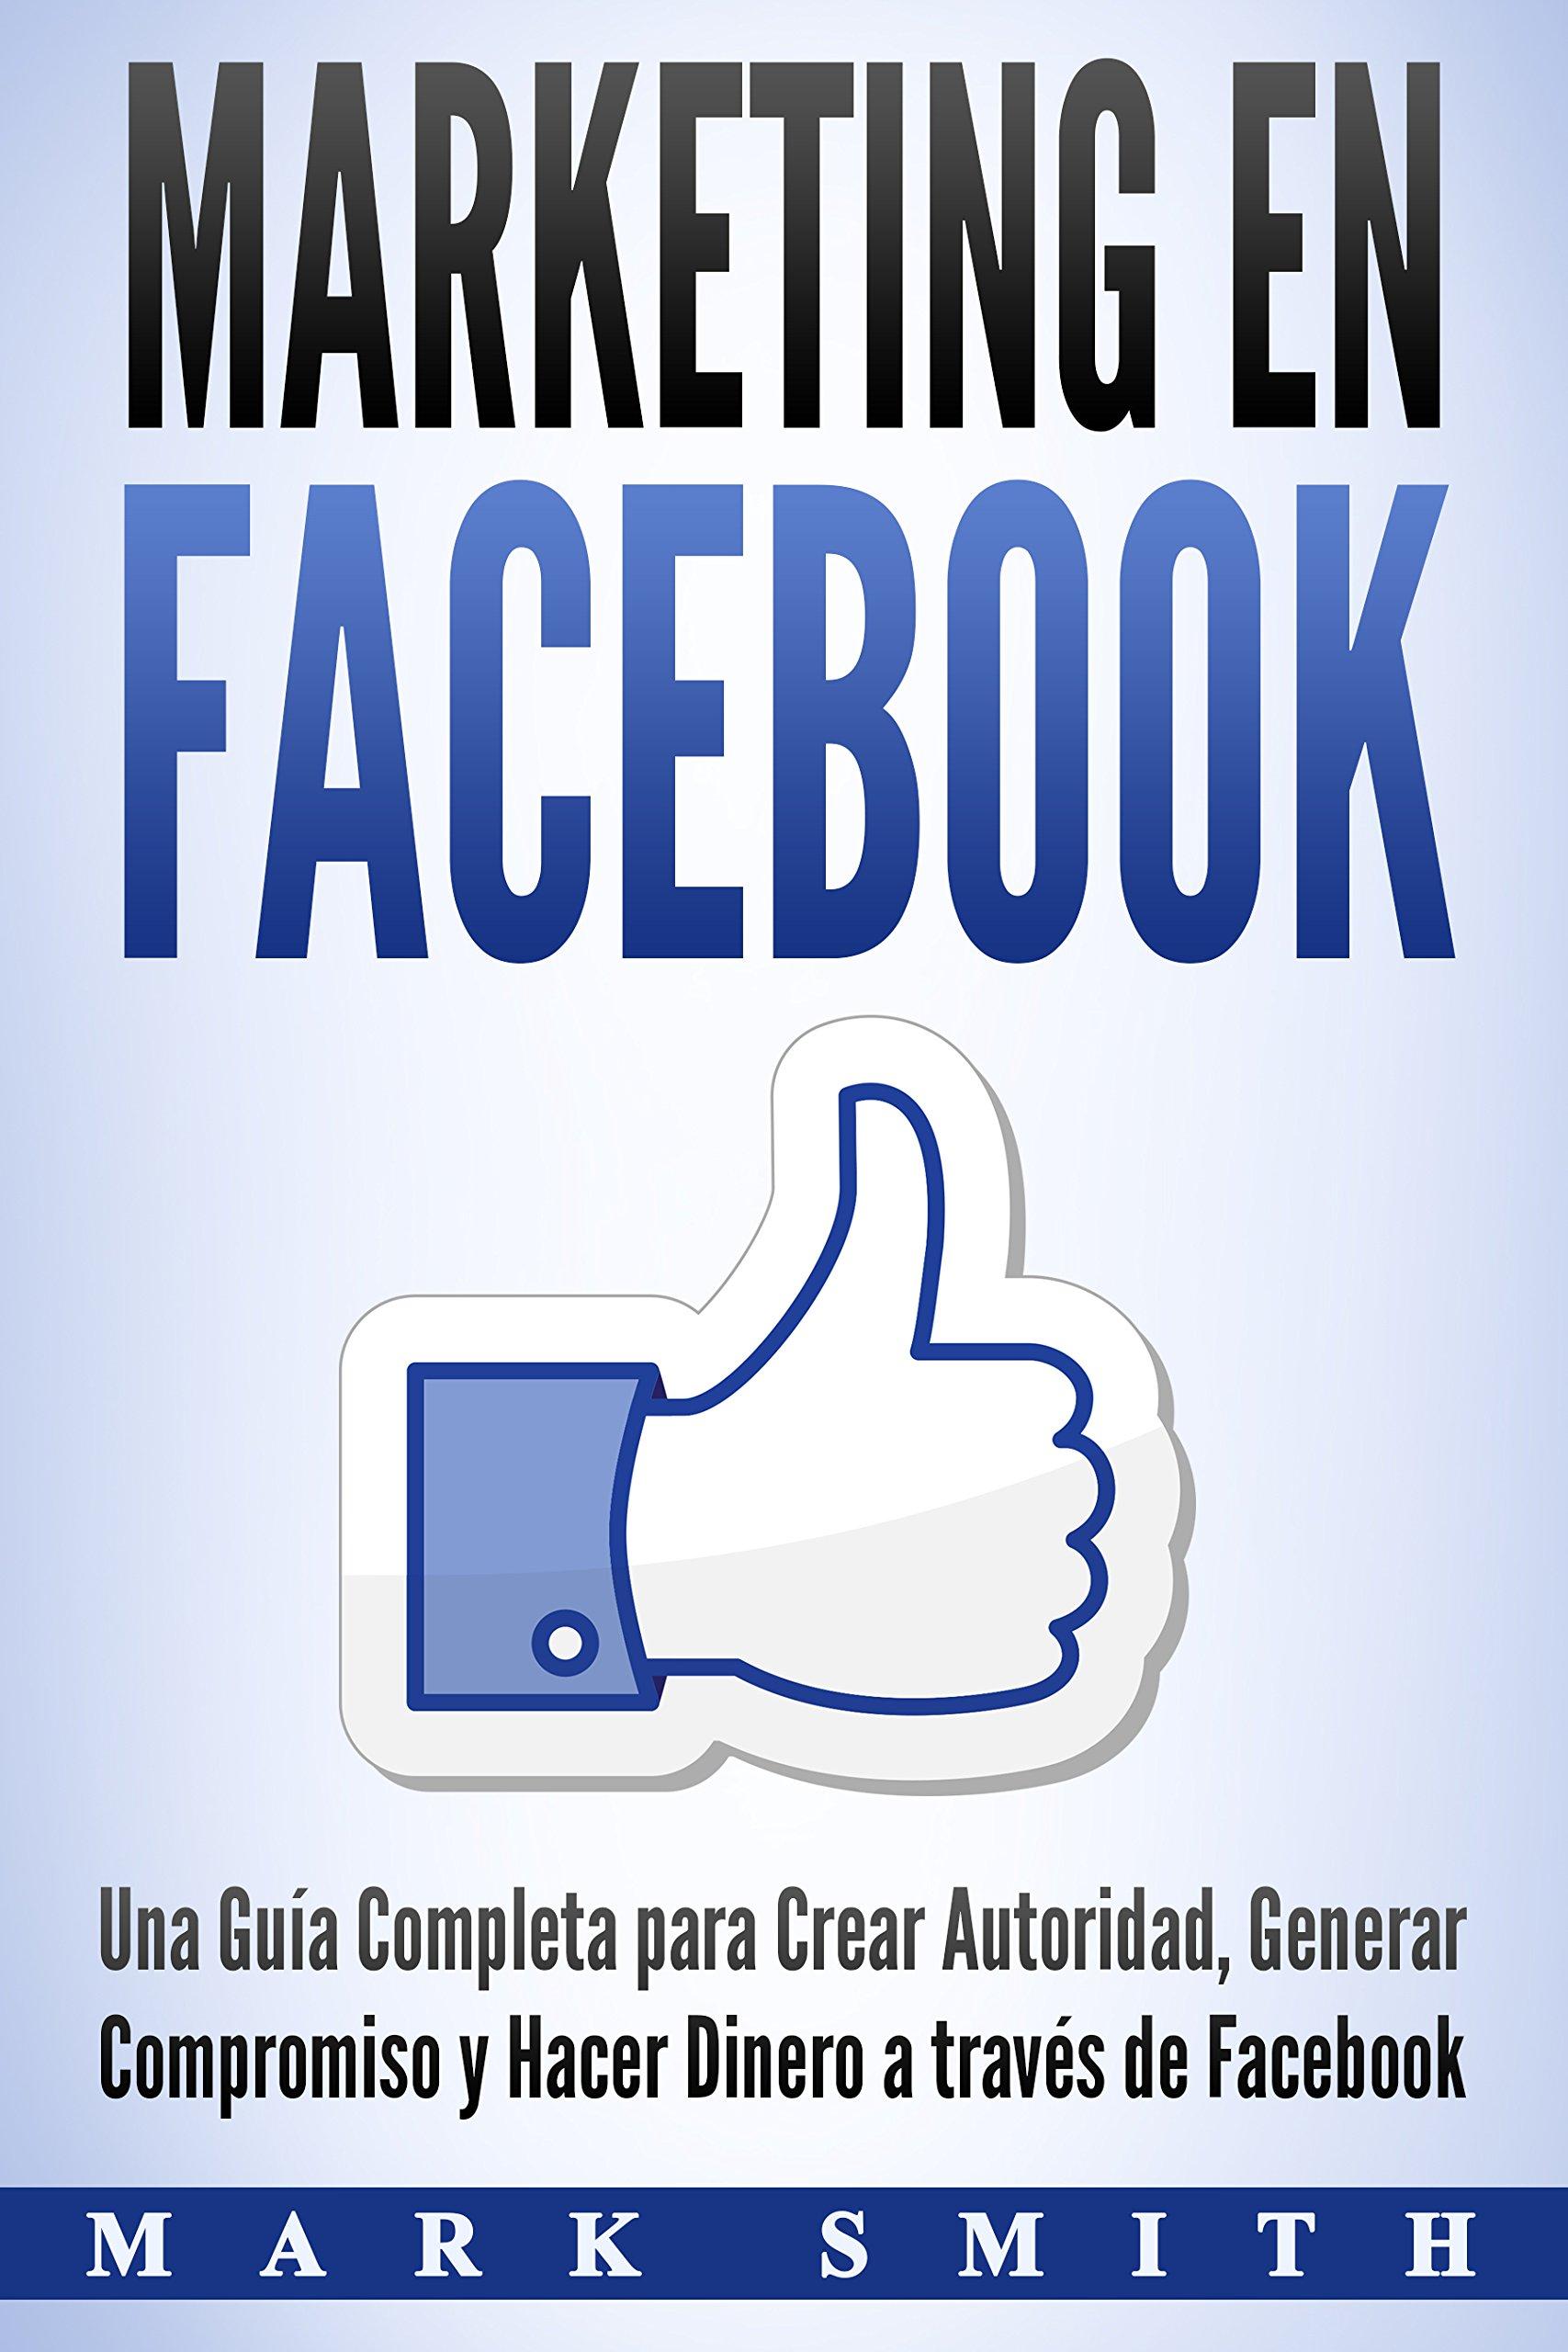 Marketing en Facebook: Una Guía Completa para Crear Autoridad, Generar Compromiso y Hacer Dinero a través de Facebook (Libro en Español/Facebook Marketing Spanish Book Version) (Spanish Edition)